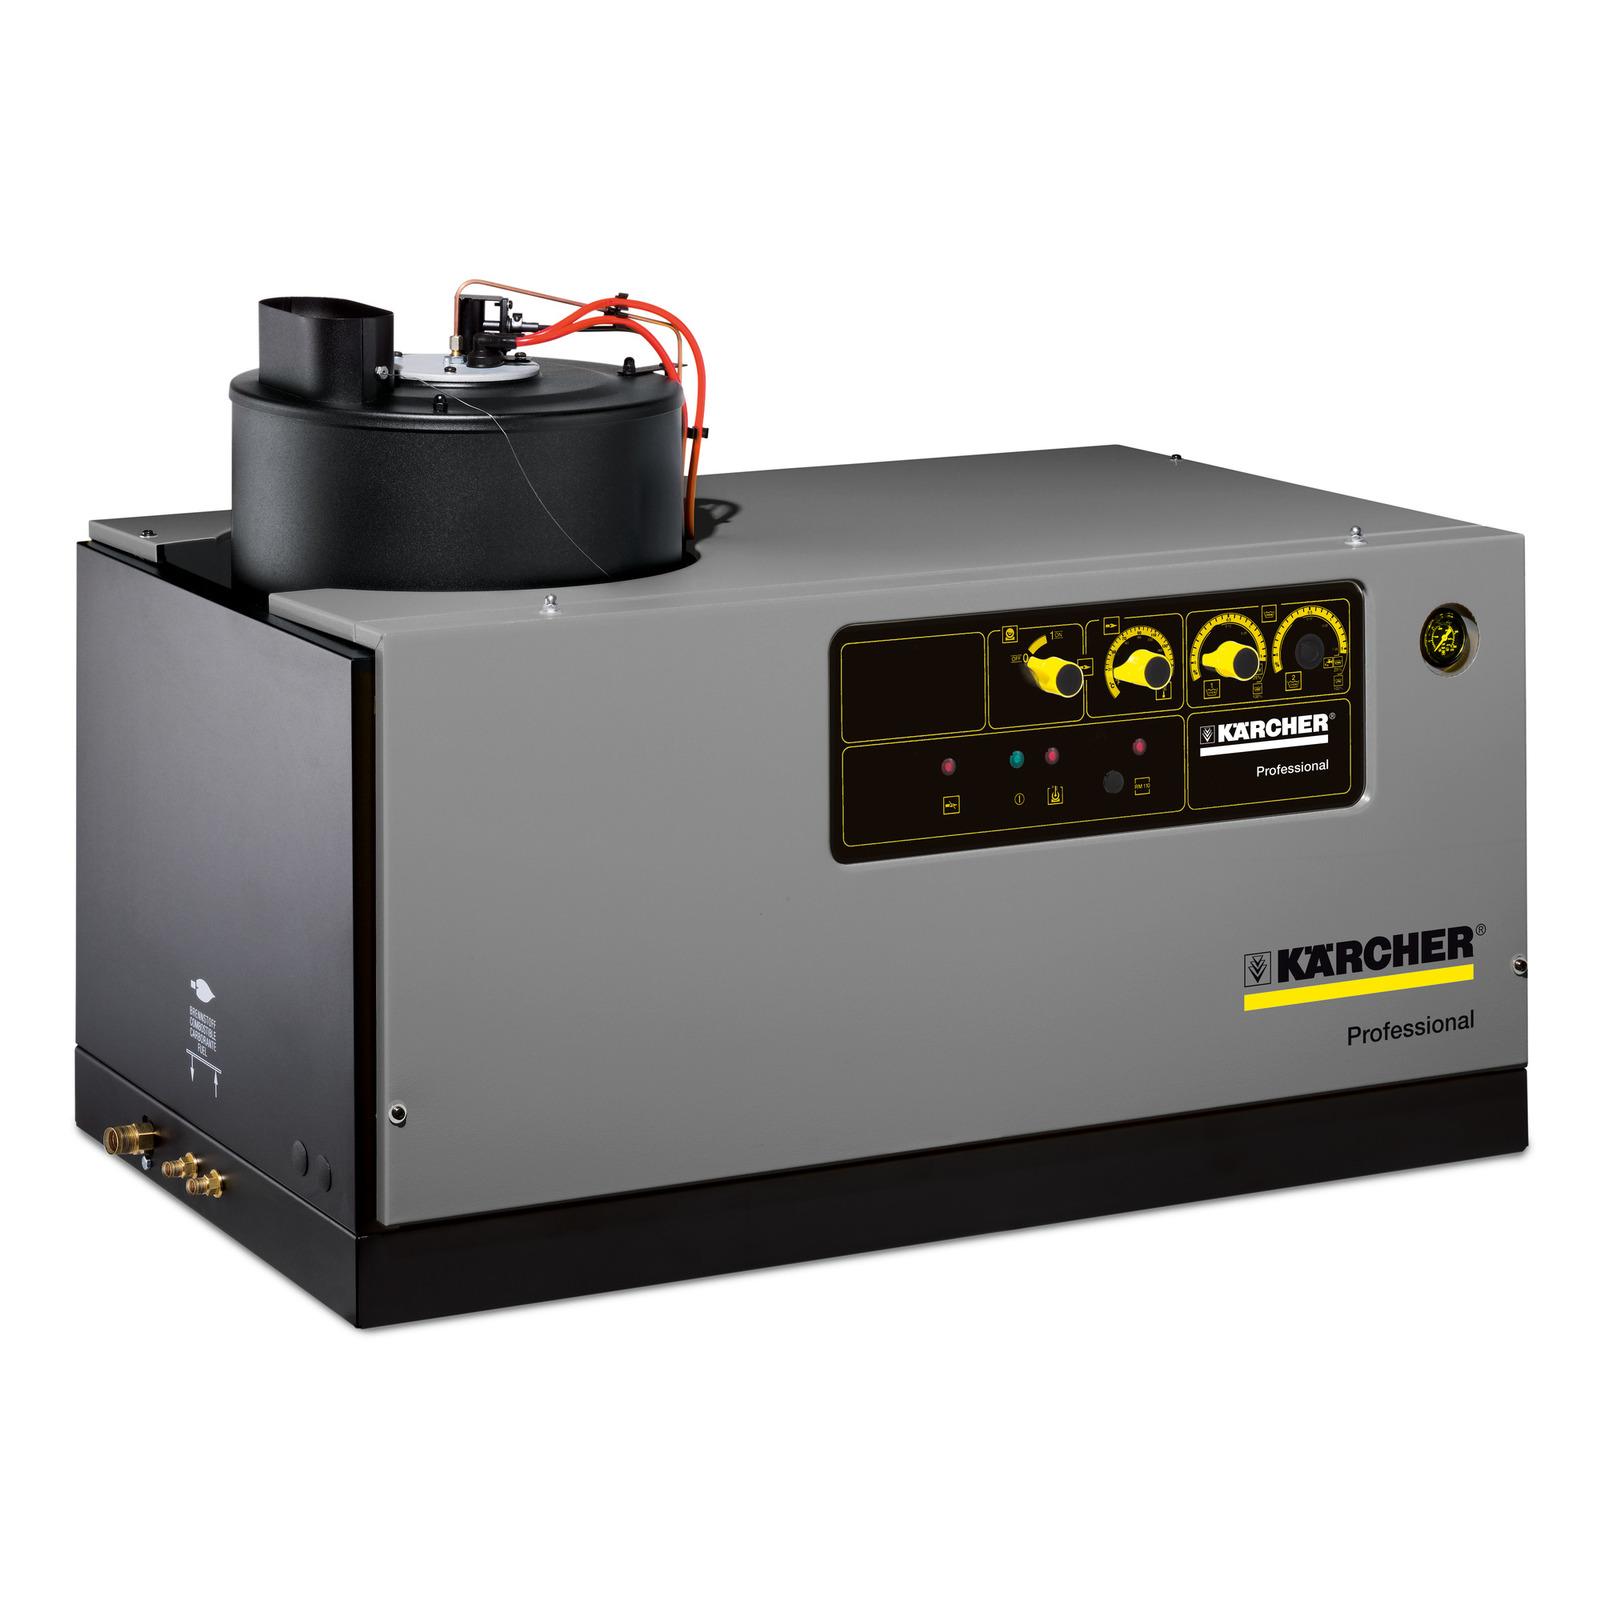 nettoyeur haute pression stationnaire eau chaude hds 9 14 4 st eco k rcher. Black Bedroom Furniture Sets. Home Design Ideas